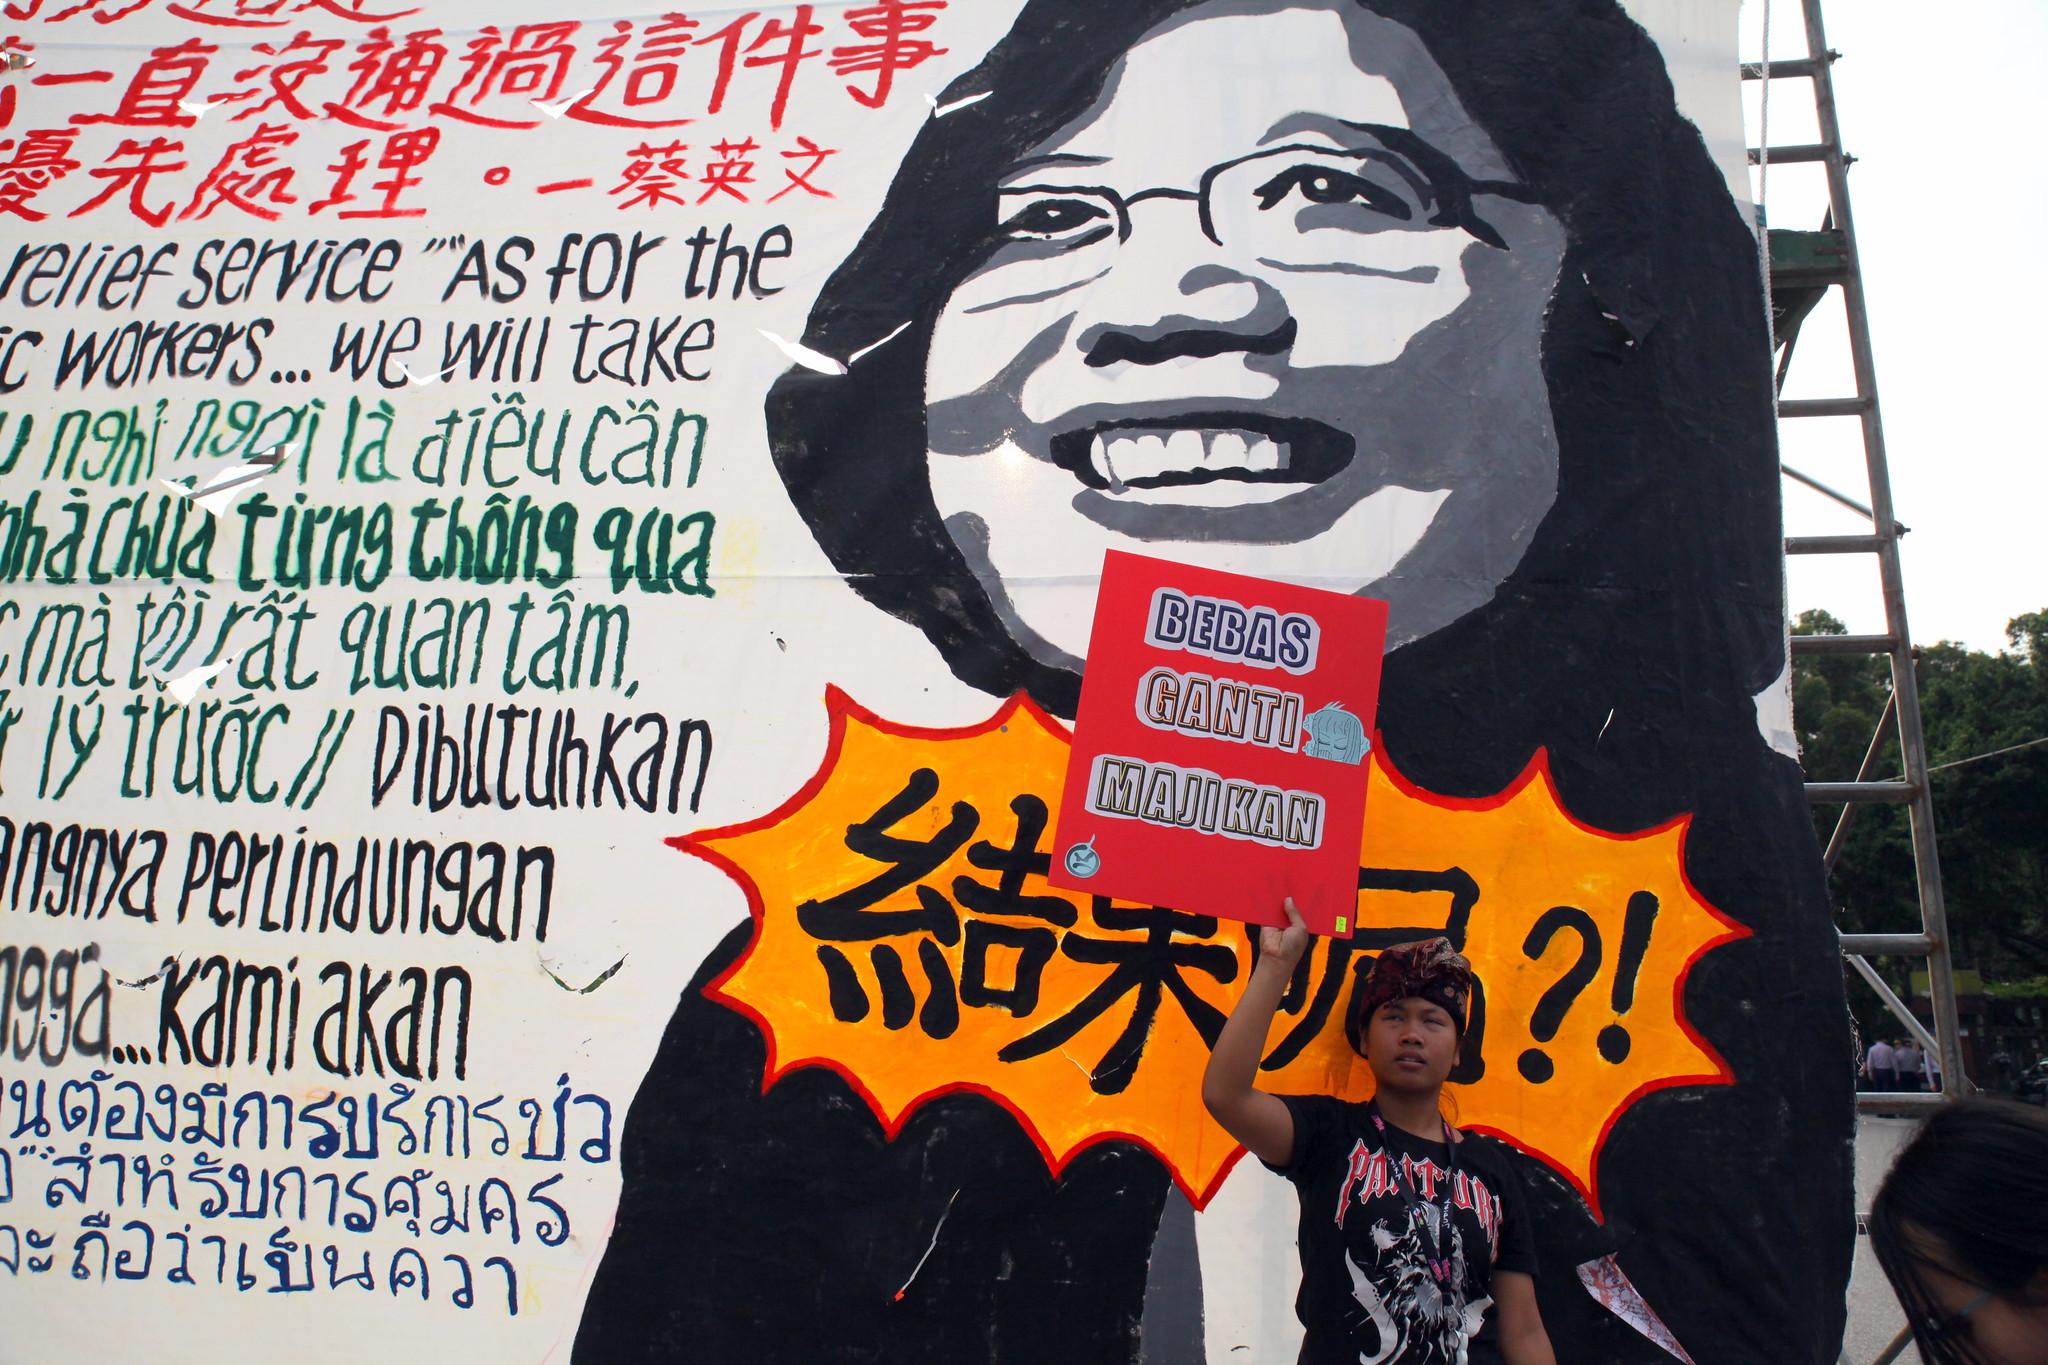 移工在蔡英文看板前舉牌「要轉換雇主」。(攝影:陳逸婷)